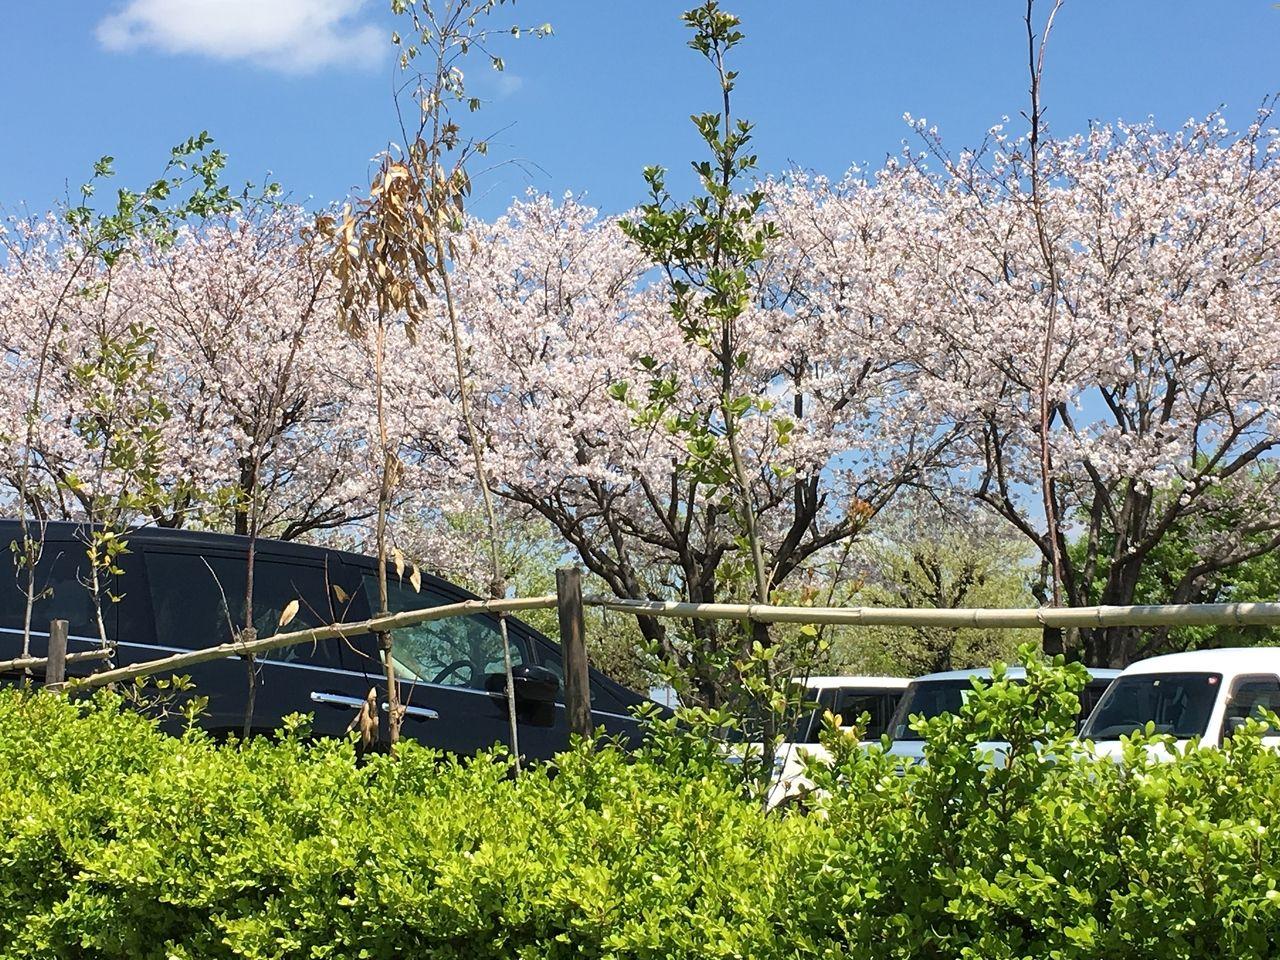 ショッピングモールさくらの森の広い駐車場に咲き誇っている桜の花